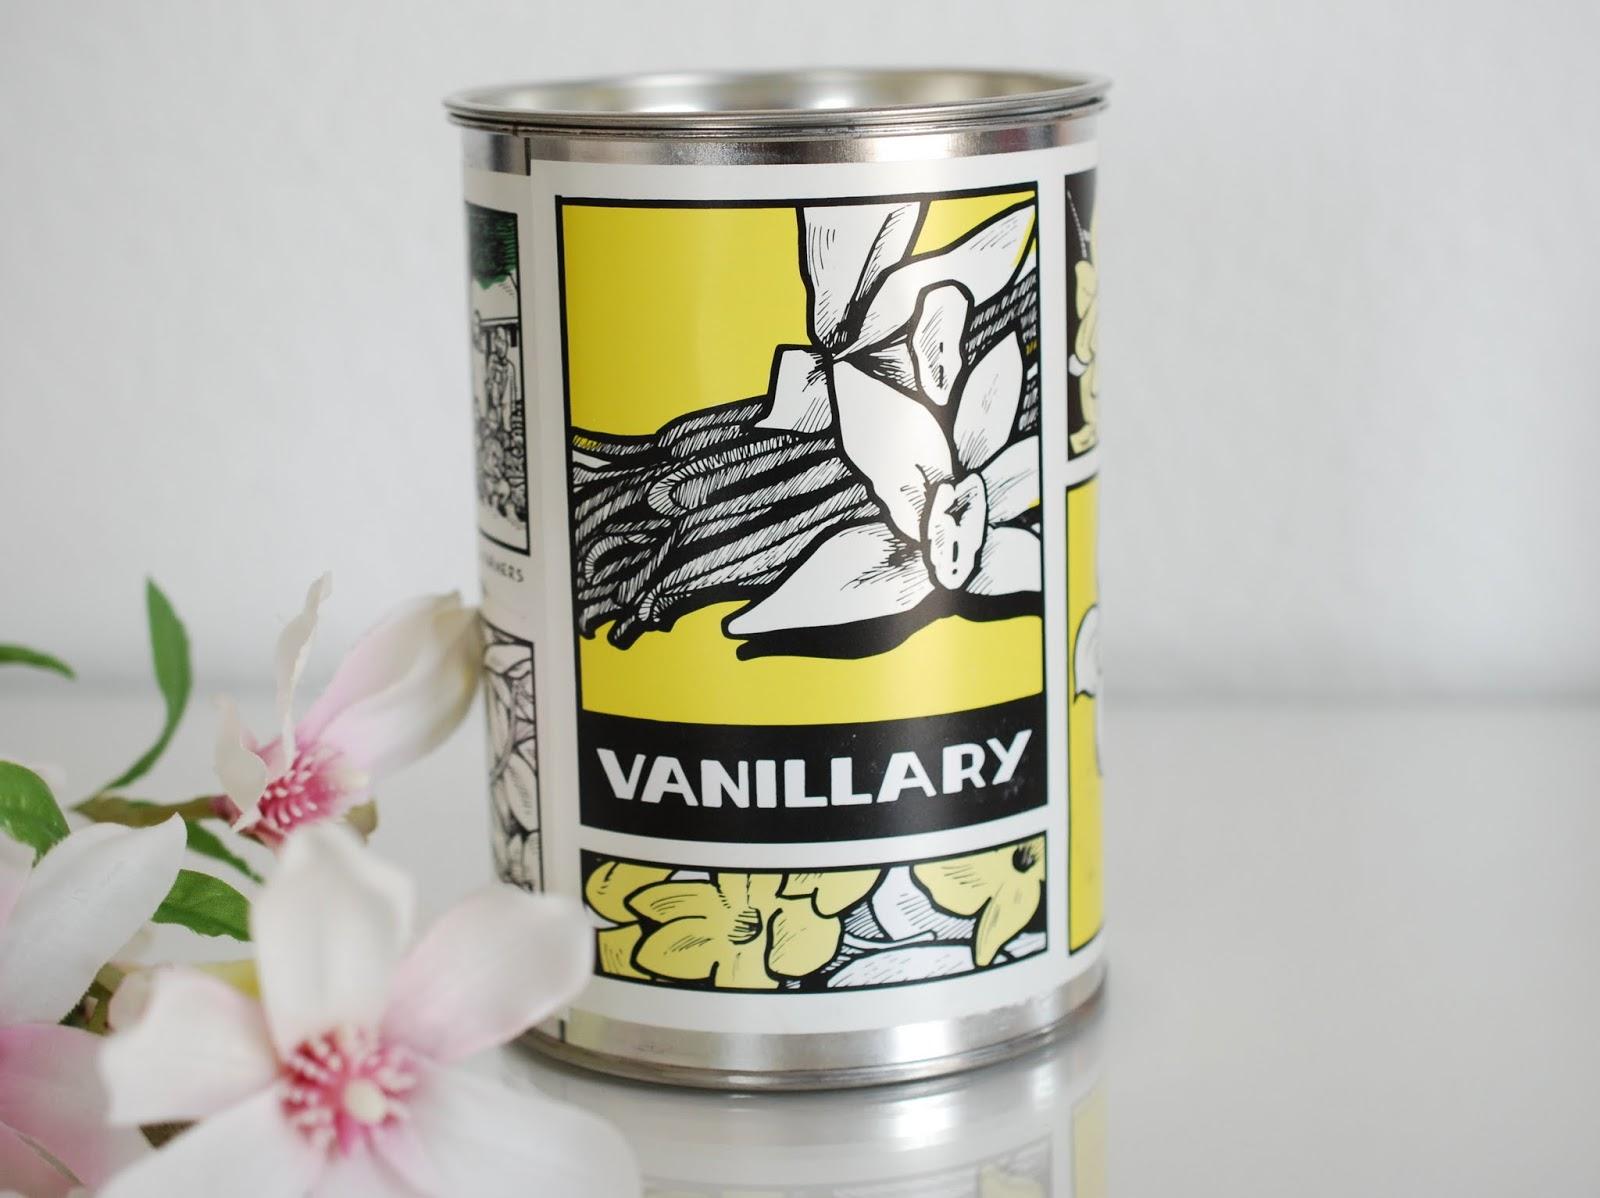 Lush Vanillary Parfum Geschenk Sammlerbox